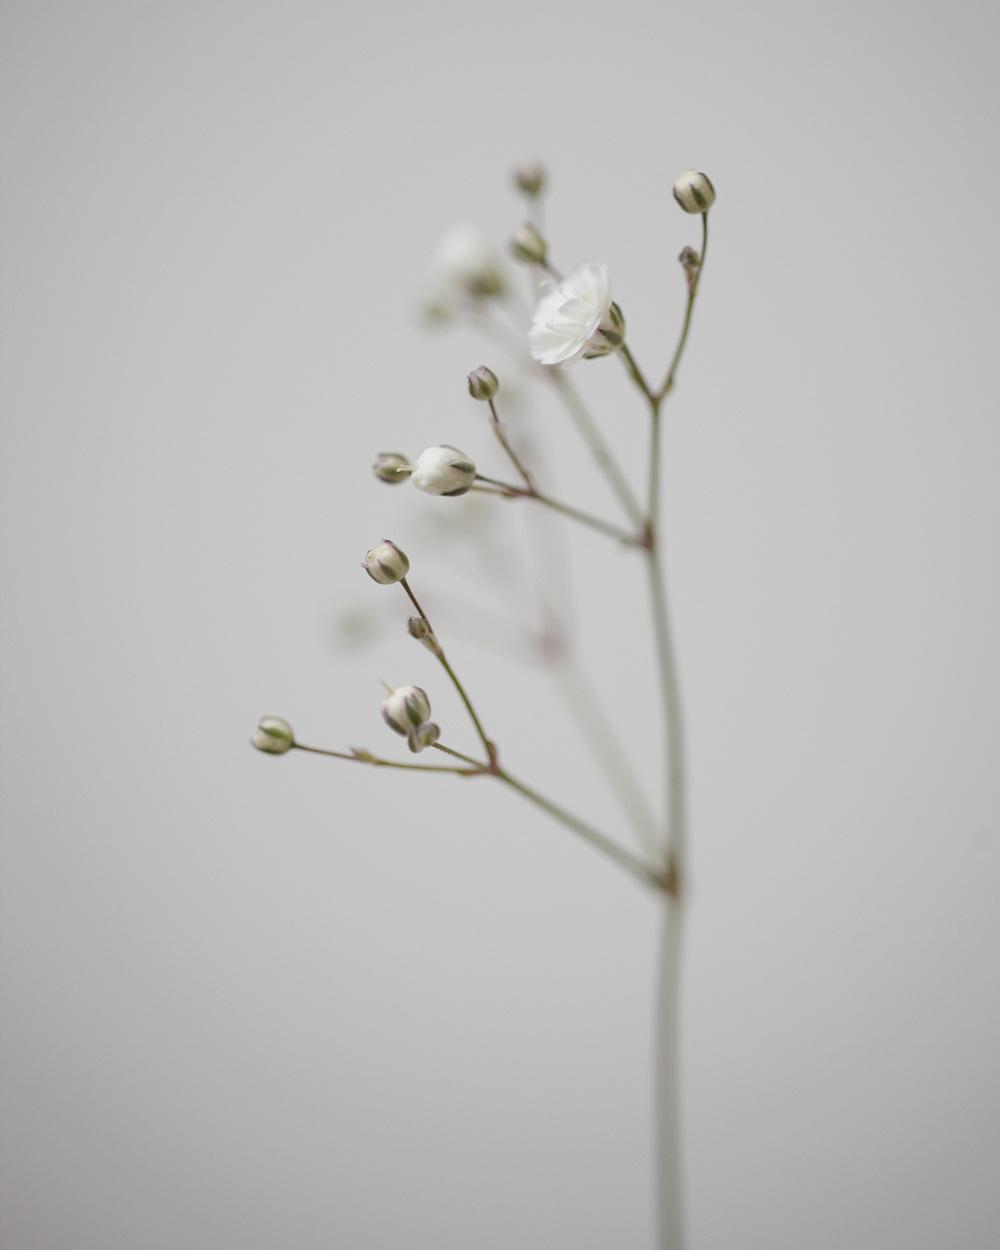 08_Weeds.jpg